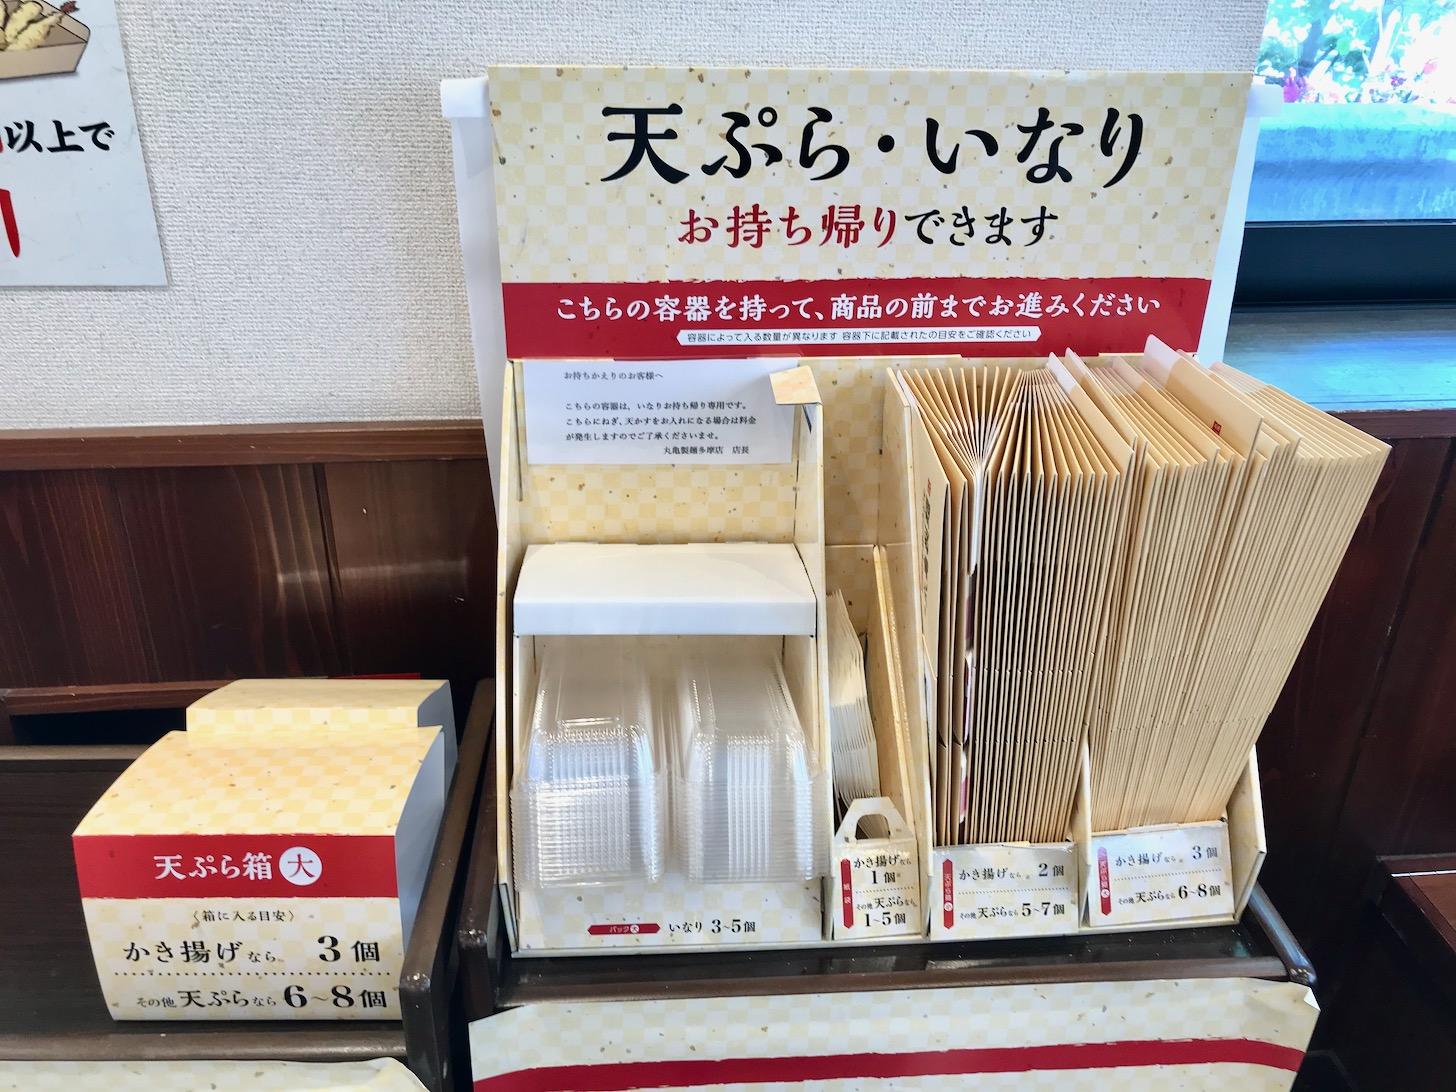 丸亀製麺 多摩で天ぷら持ち帰り